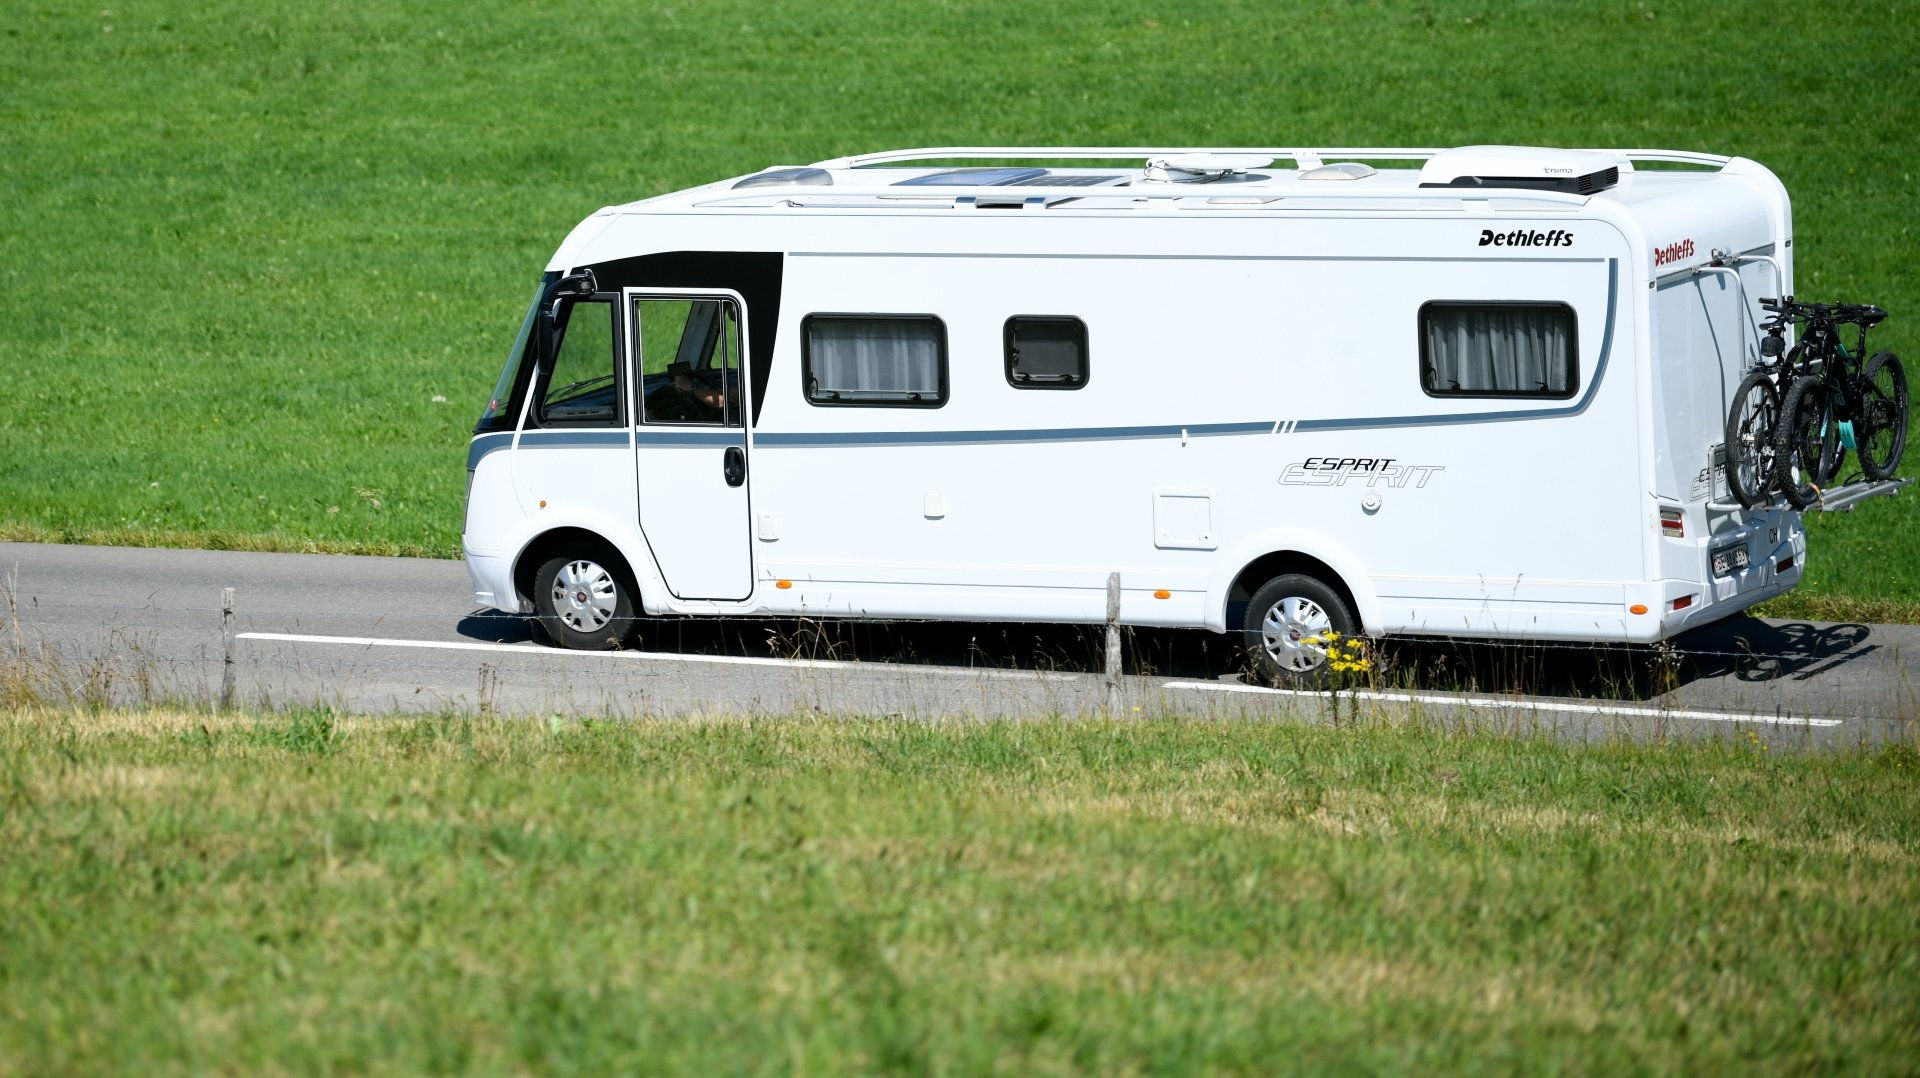 Les camping-caristes pourront y séjourner deux nuits maximum, et ce jusqu'à fin août.